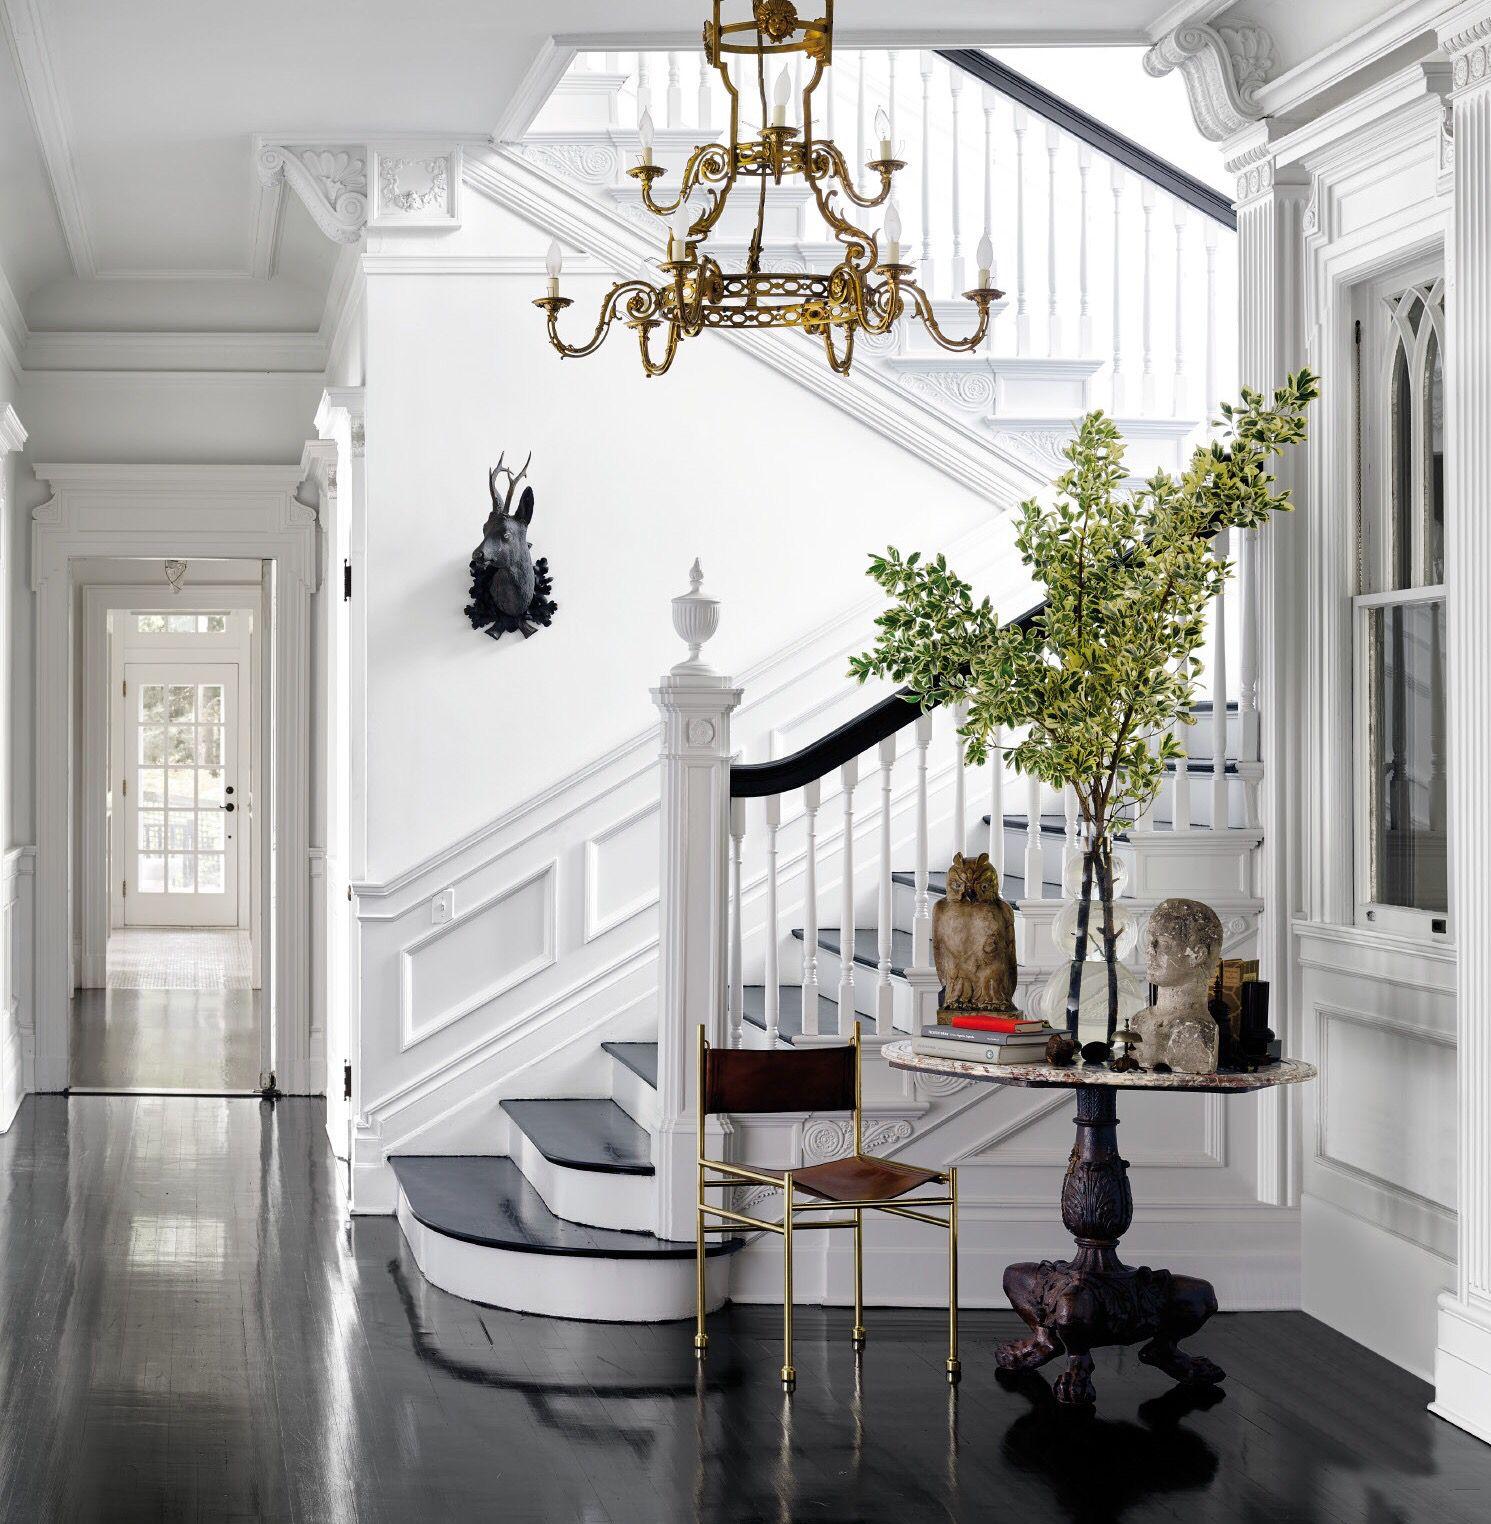 Pin by Jessica Salisbury-Fielder on lux living | Pinterest | Foyers ...